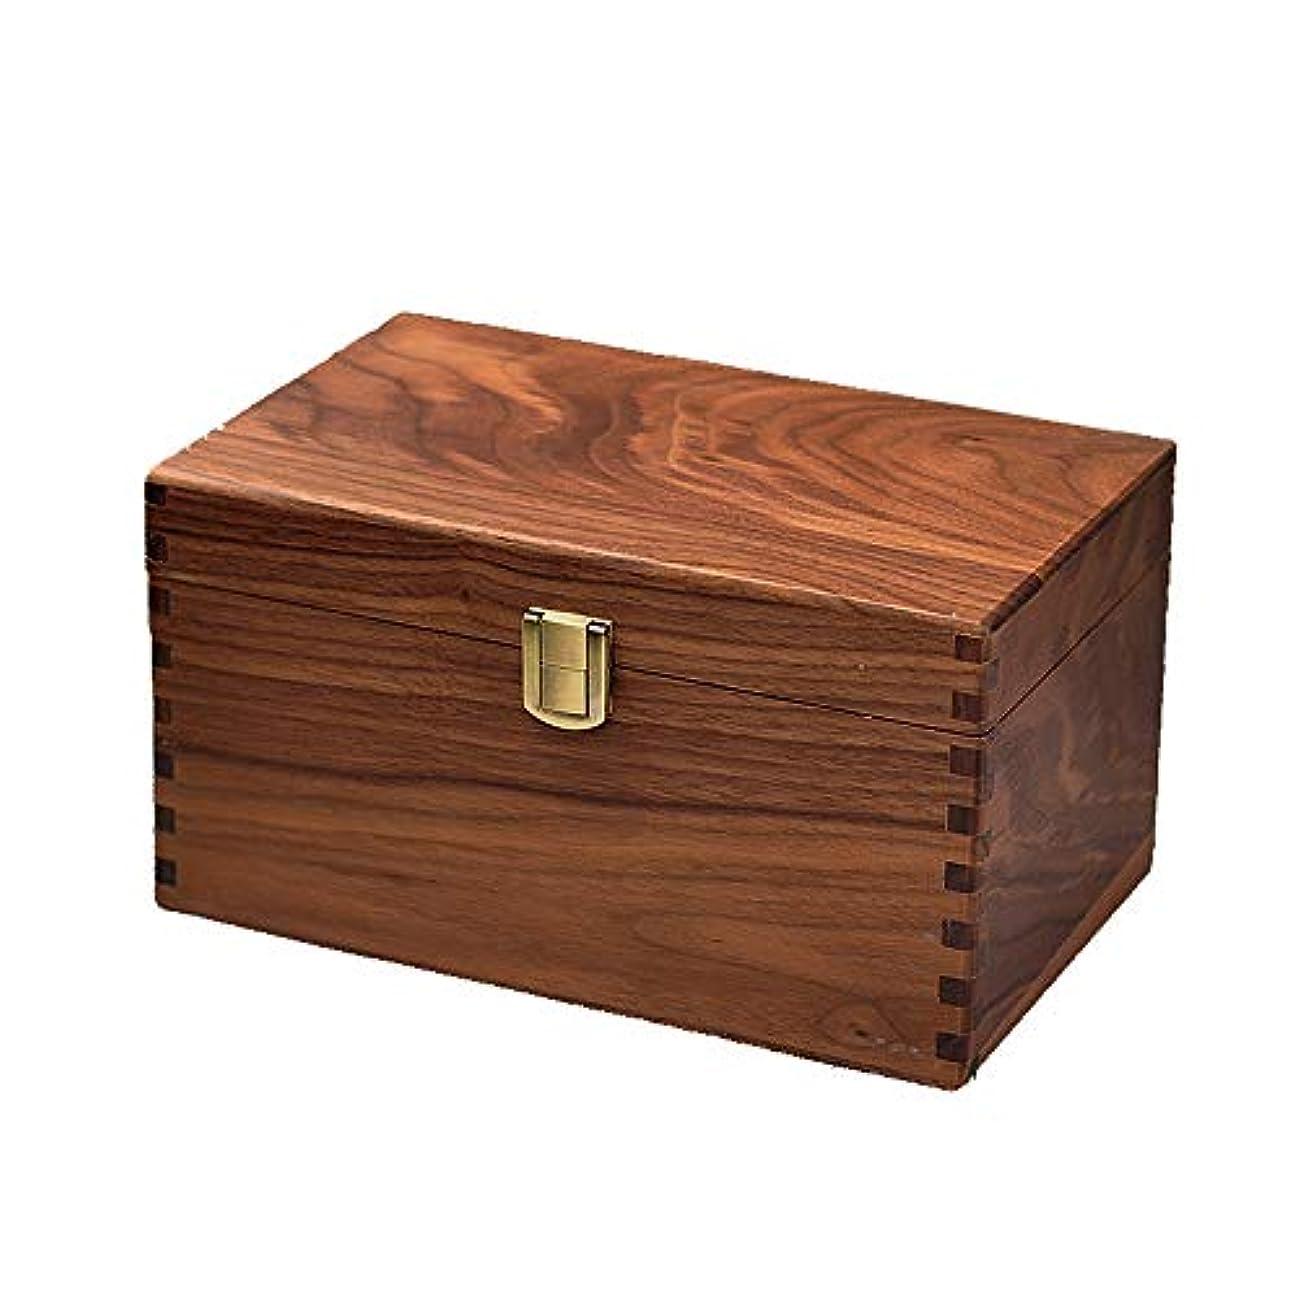 経営者ラジウムご意見エッセンシャルオイルの保管 手作りの装飾的な木のエッセンシャルオイルボックスオーガナイザージュエリーボックスパーフェクトエッセンシャルオイルケース (色 : Natural, サイズ : 24.5X15.5X13CM)